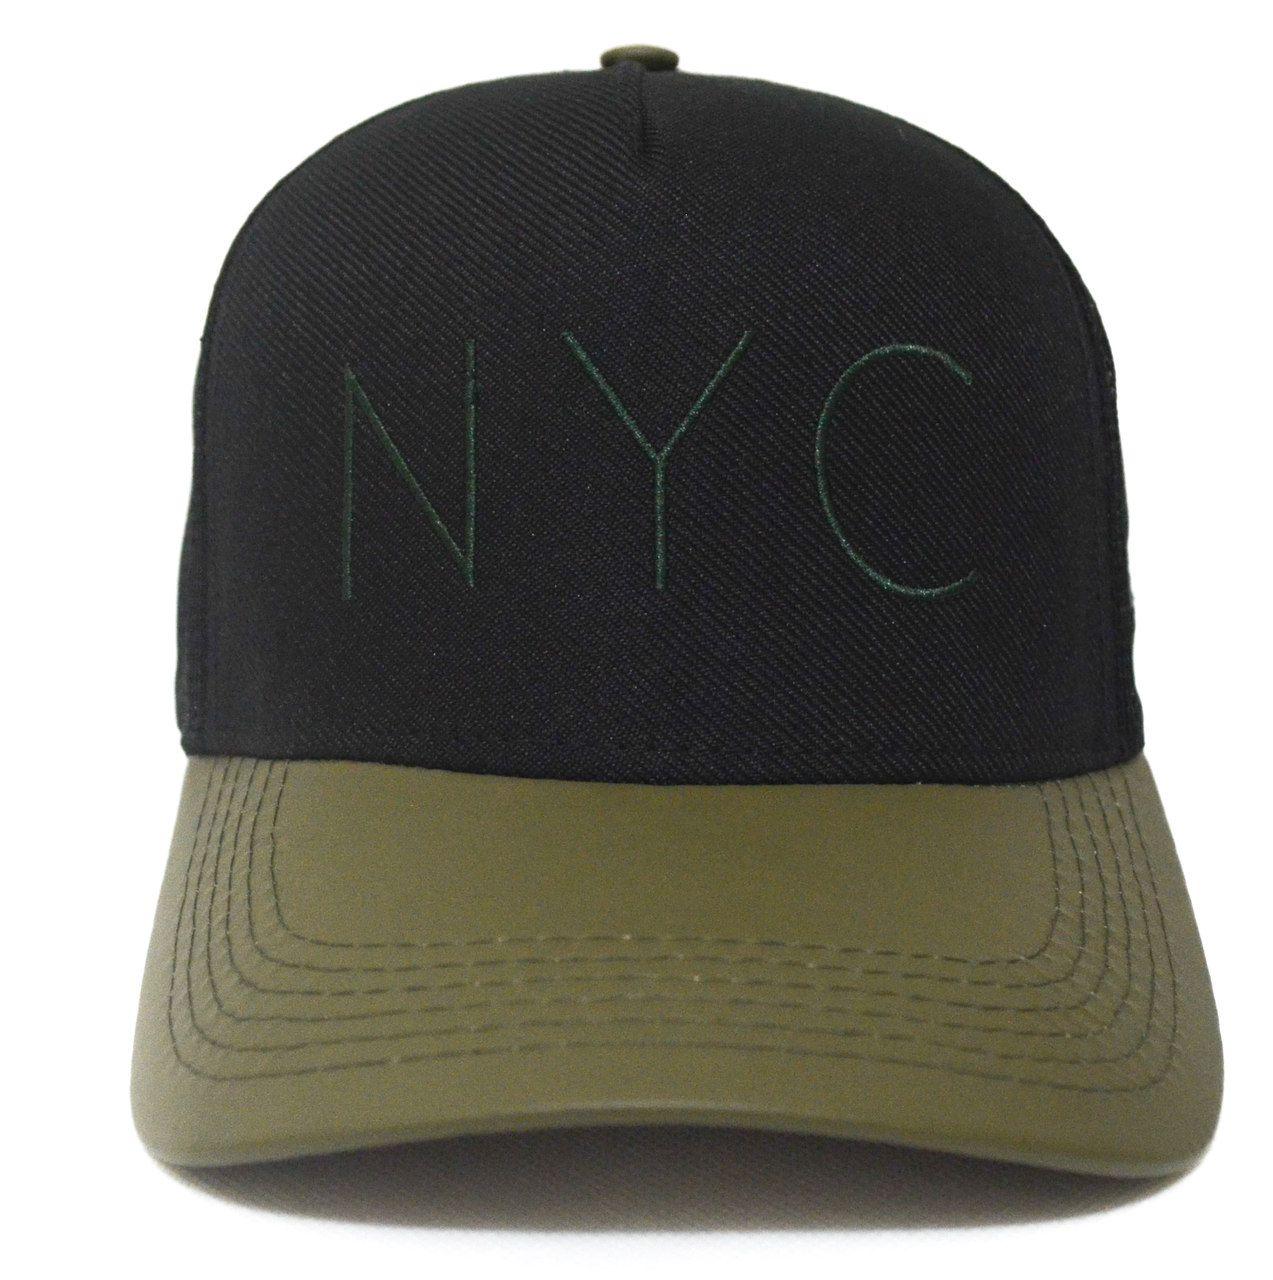 Boné NYC Preto e Verde Olive Feminino Masculino com Regulagem de Tamanho